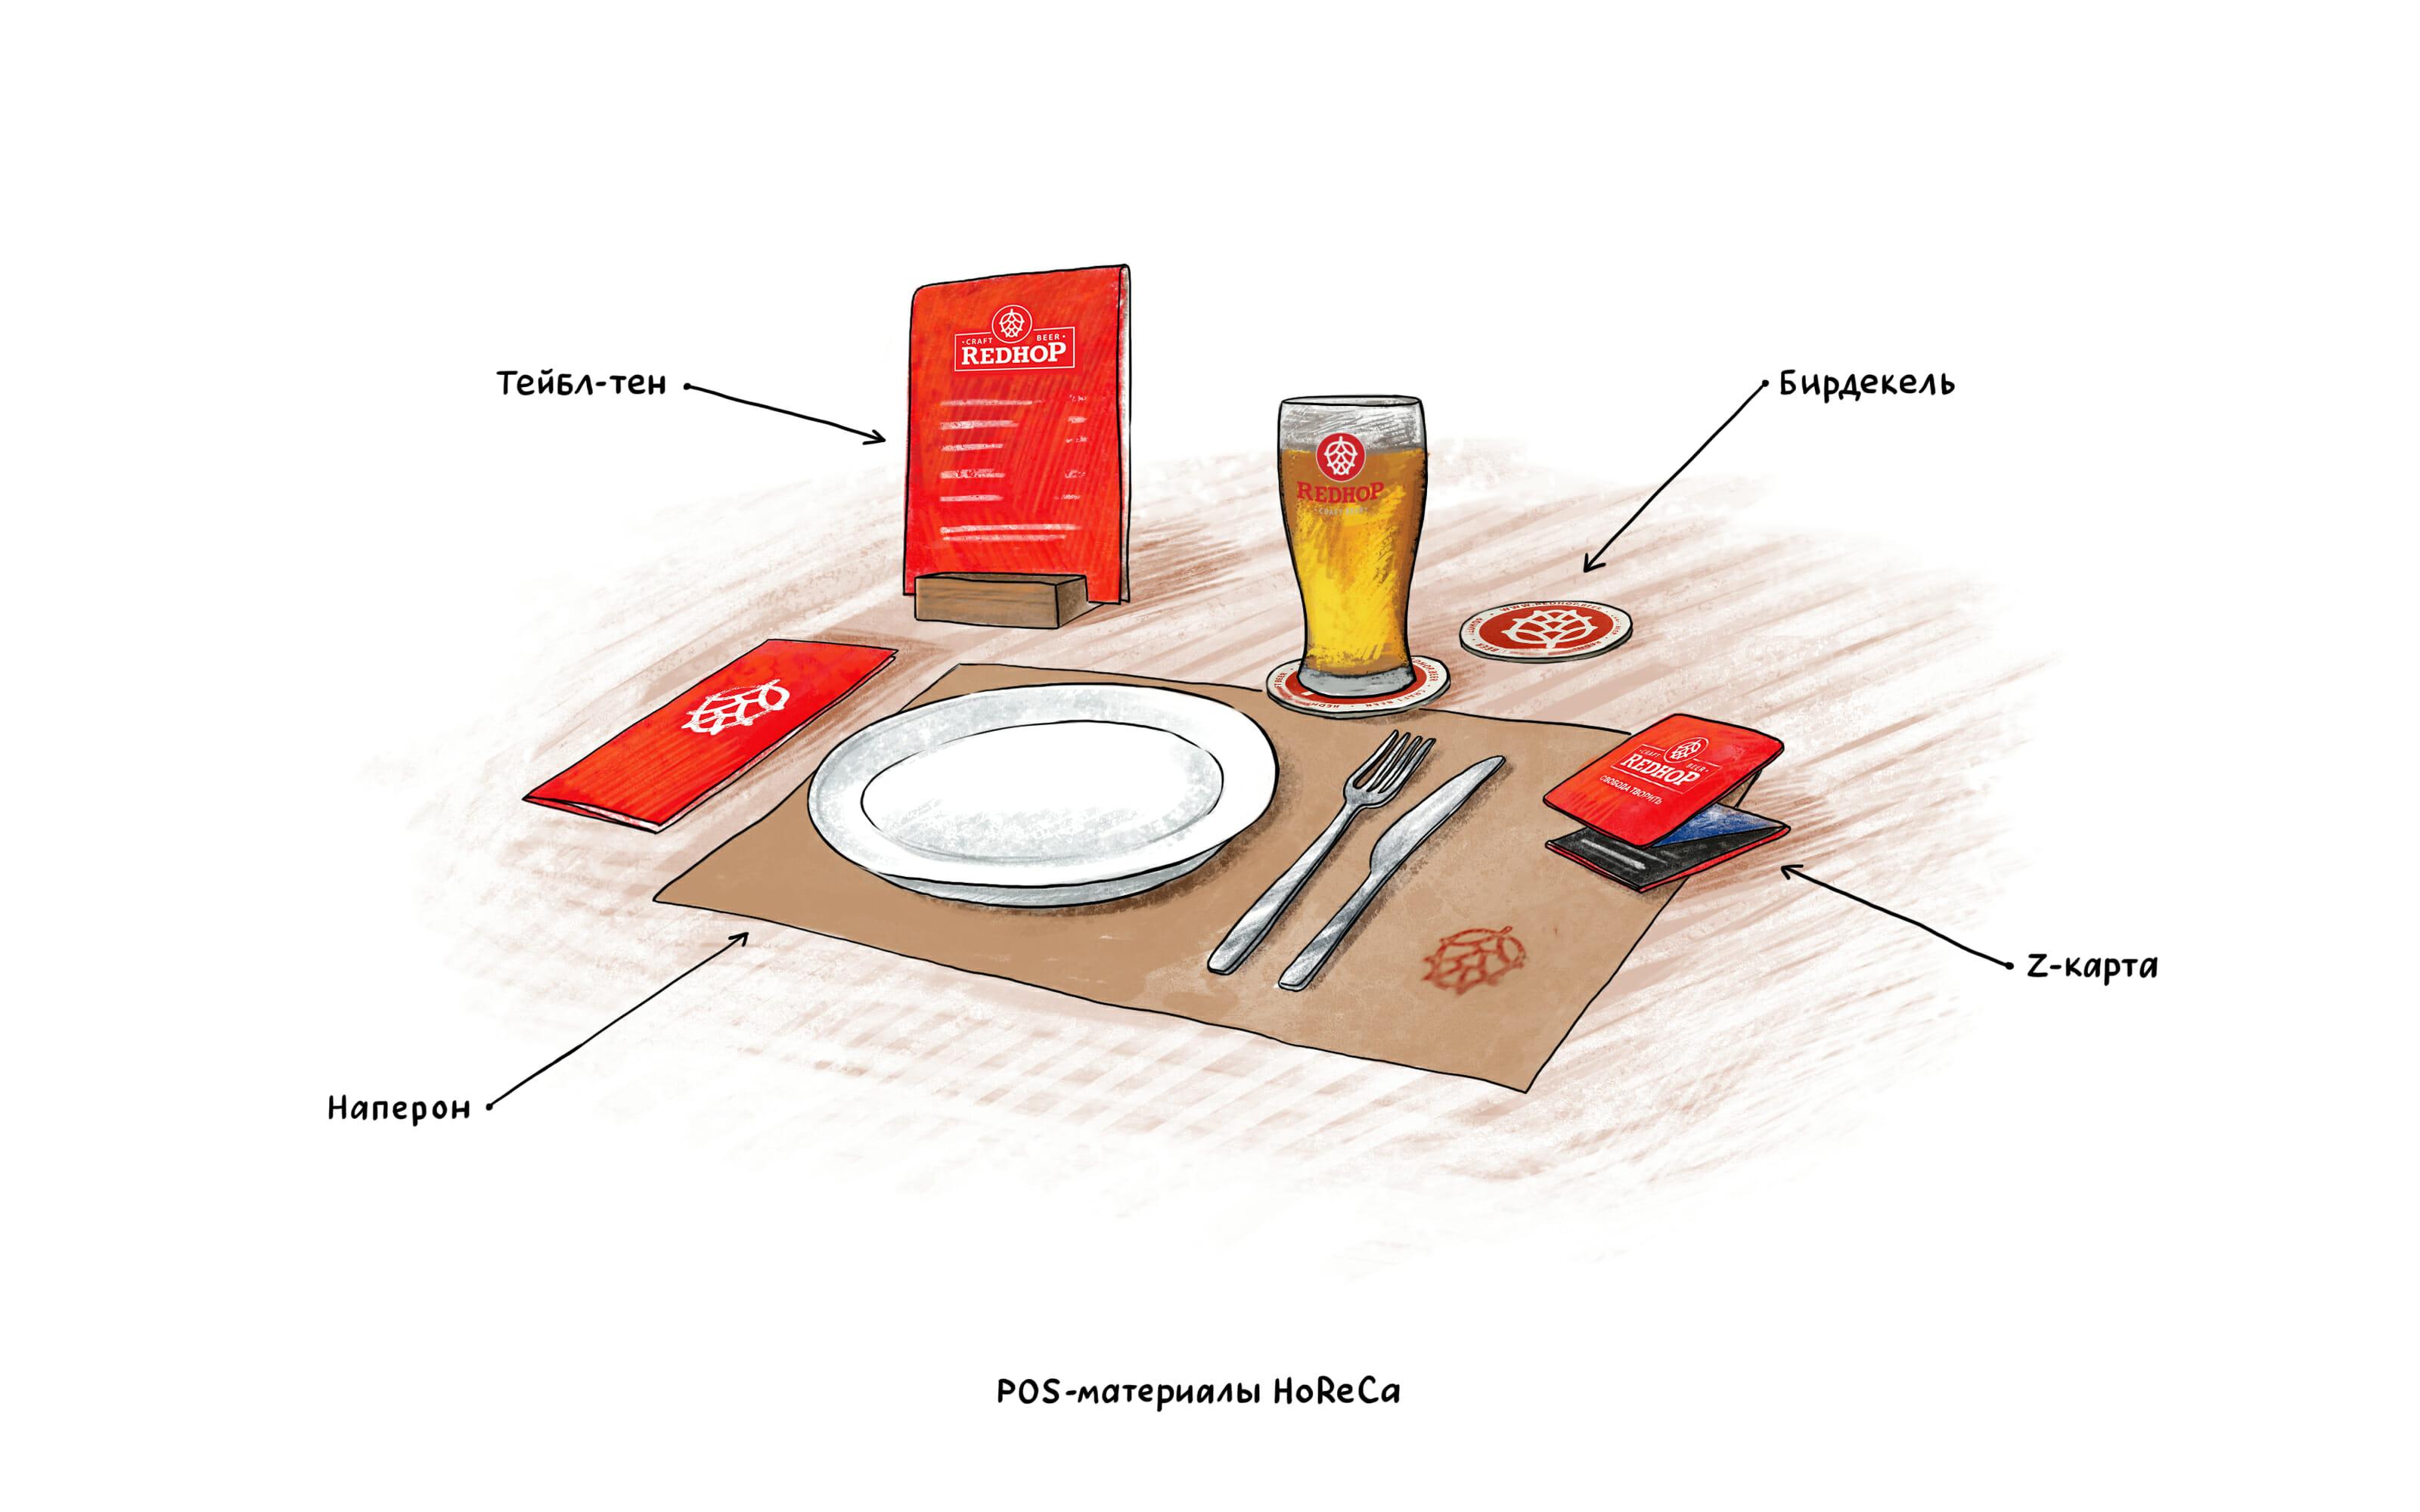 Дизайн POS-материалов RedHop для HoReCa от Мухина Дизайн (Muhina Design)